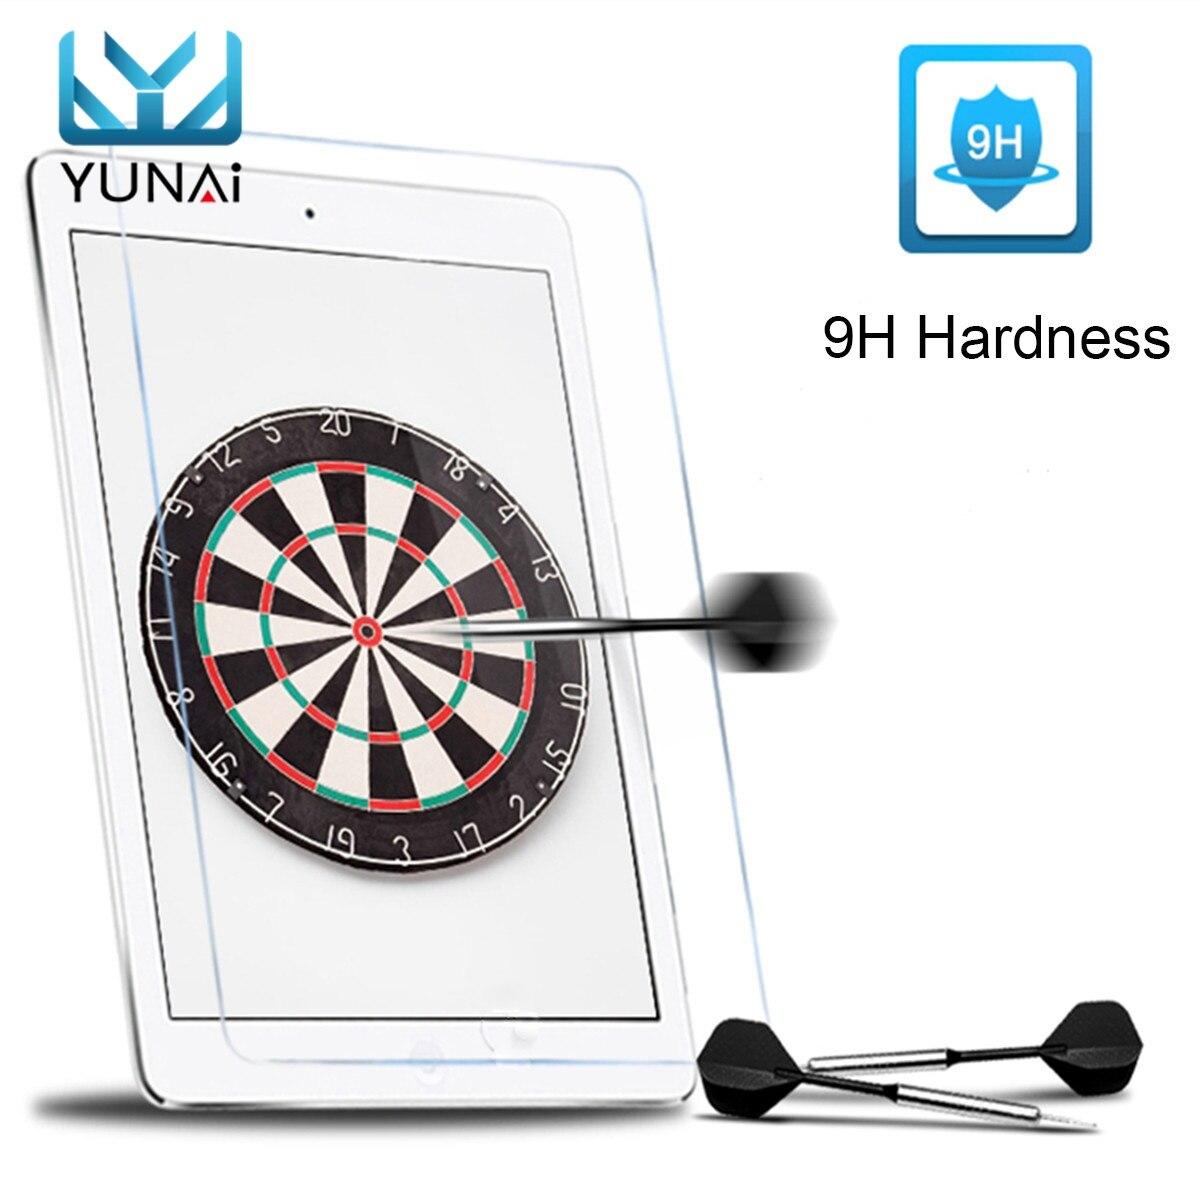 Yunai 9 H Премиум закаленное Стекло Экран Плёнки протектор для Acer Iconia One 10 b3-a20 Защитные плёнки и чехлы для планшетов